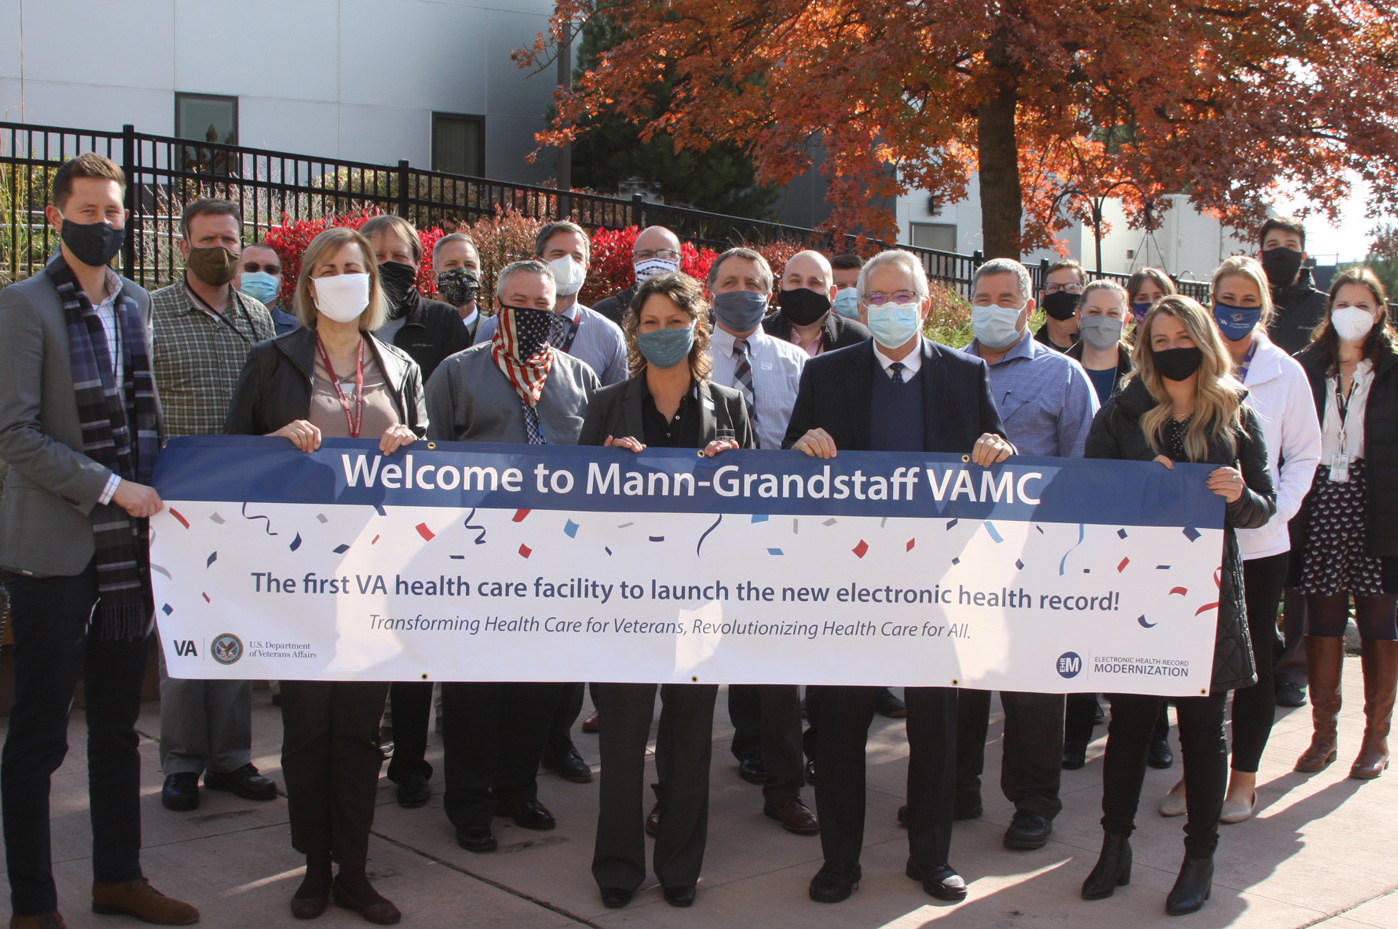 Welcome to Mann-Grandstaff VAMC banner